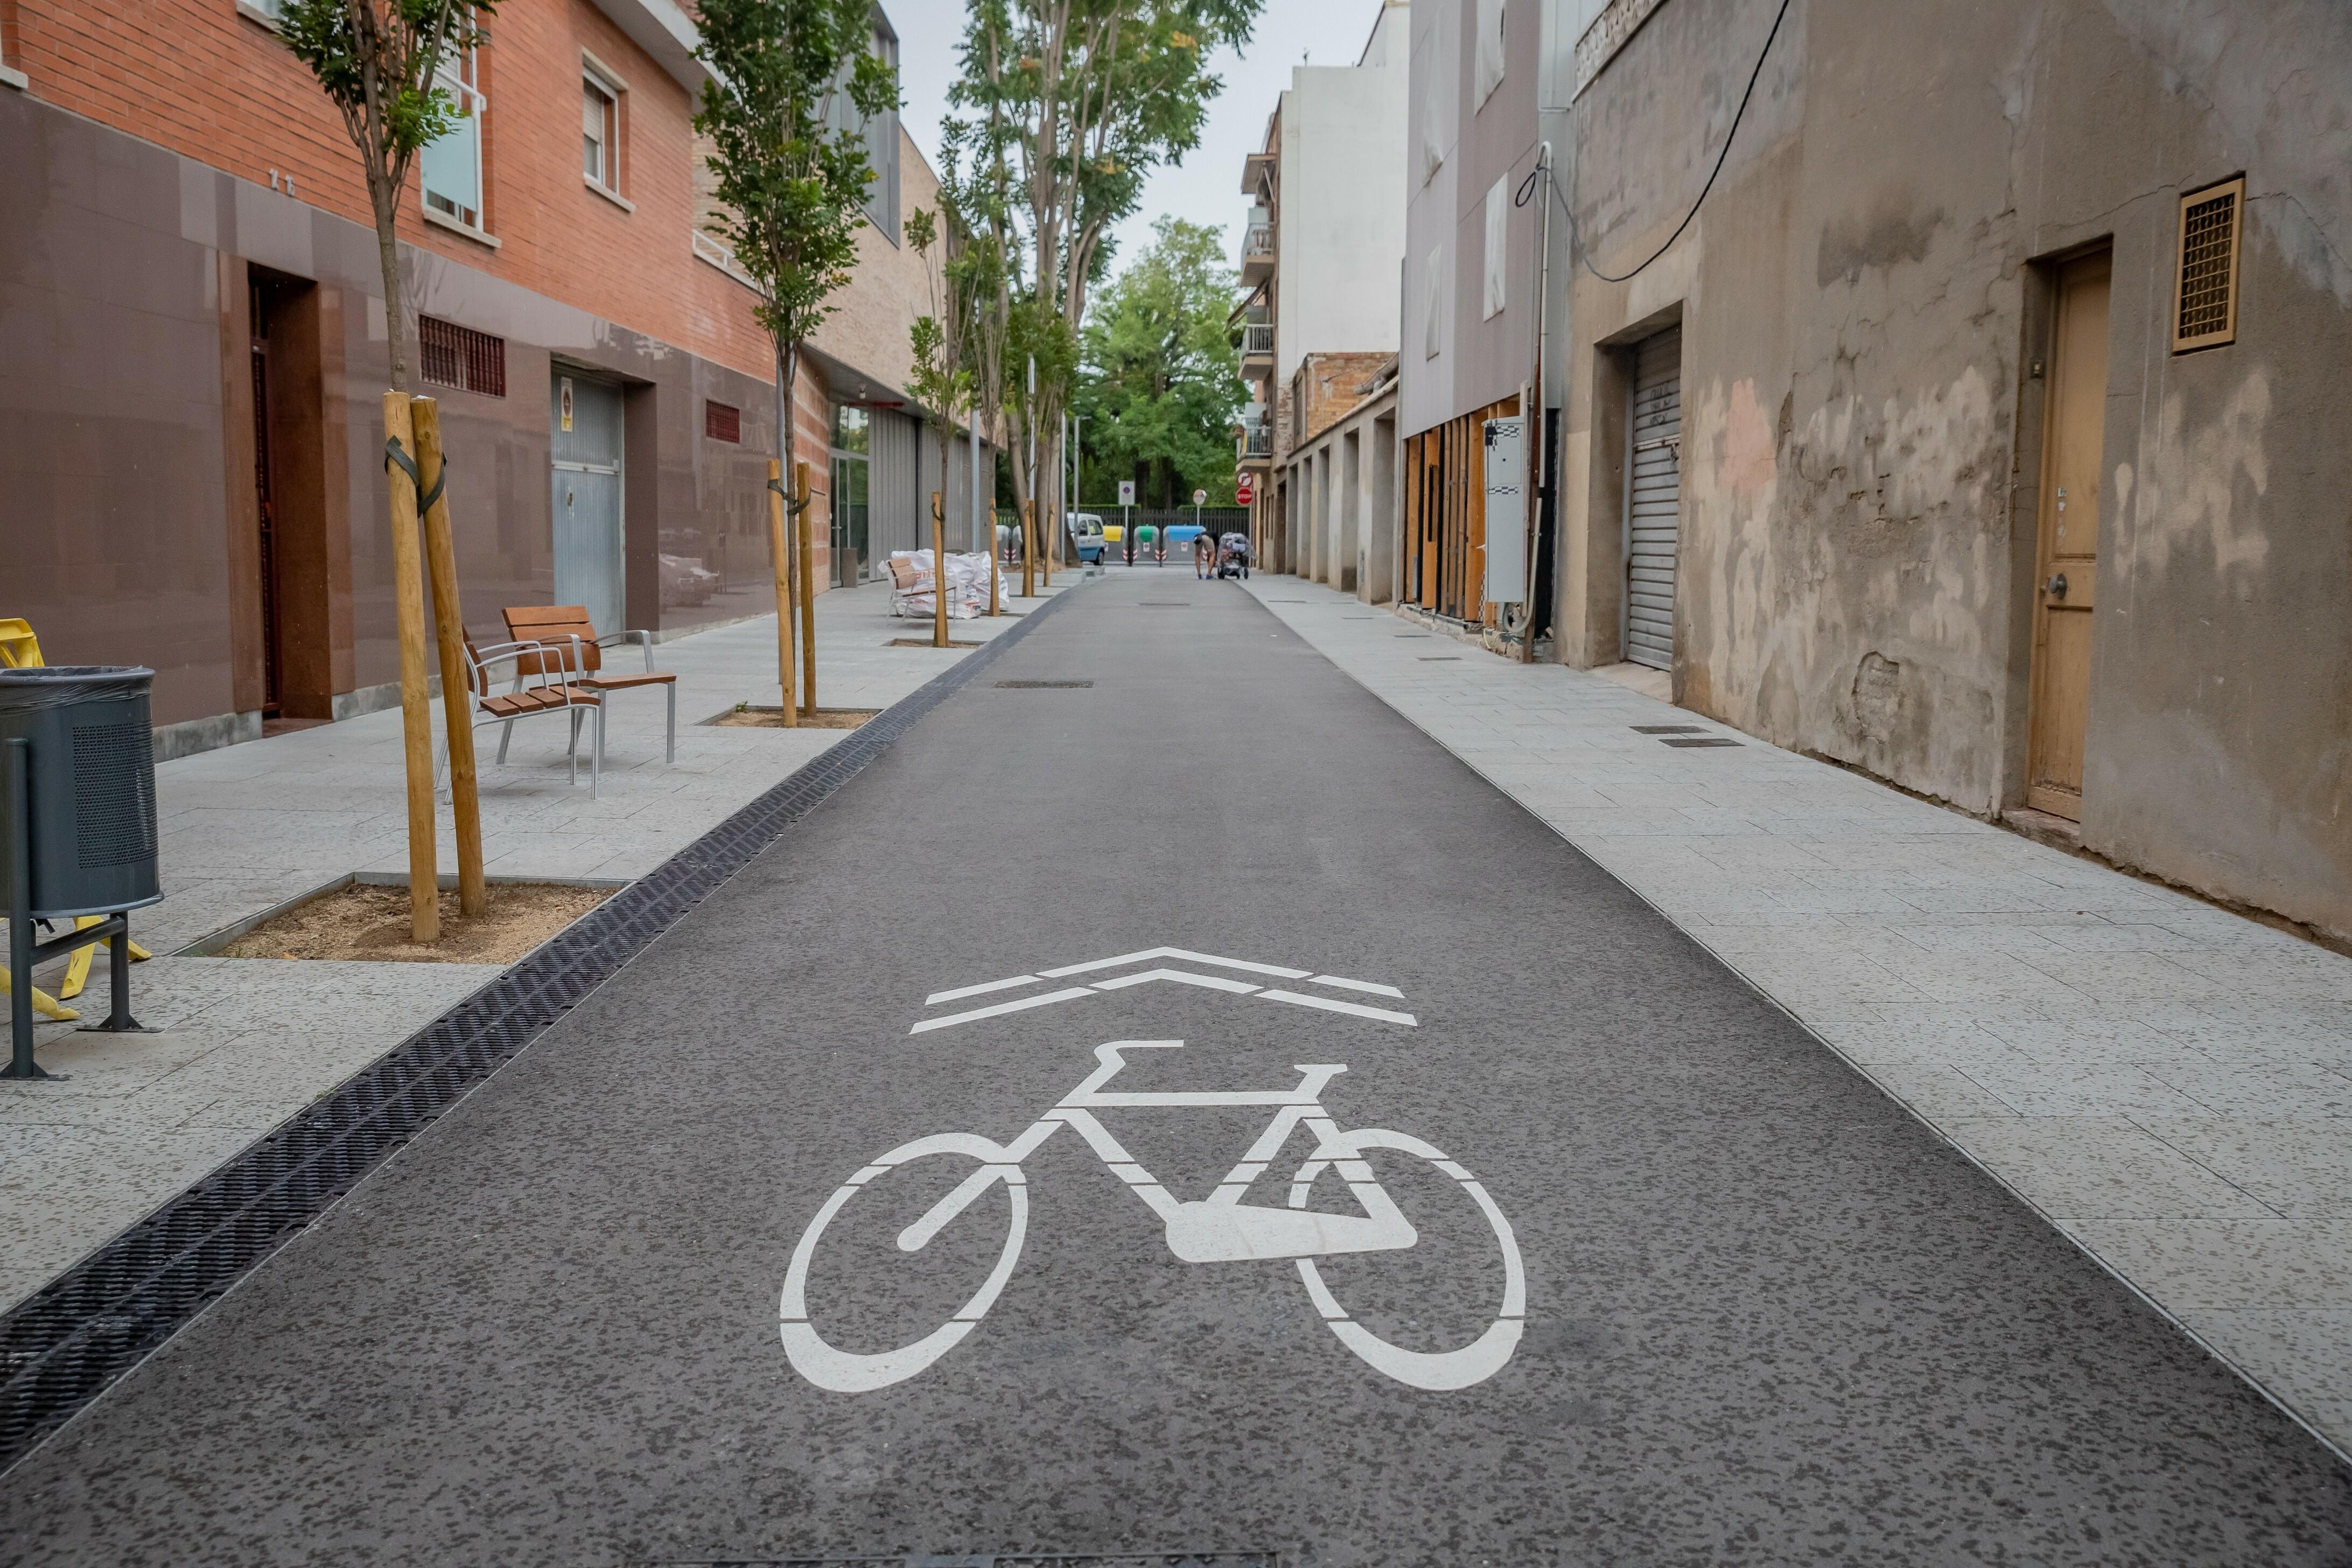 27. Senyalitzar els bicicarrers